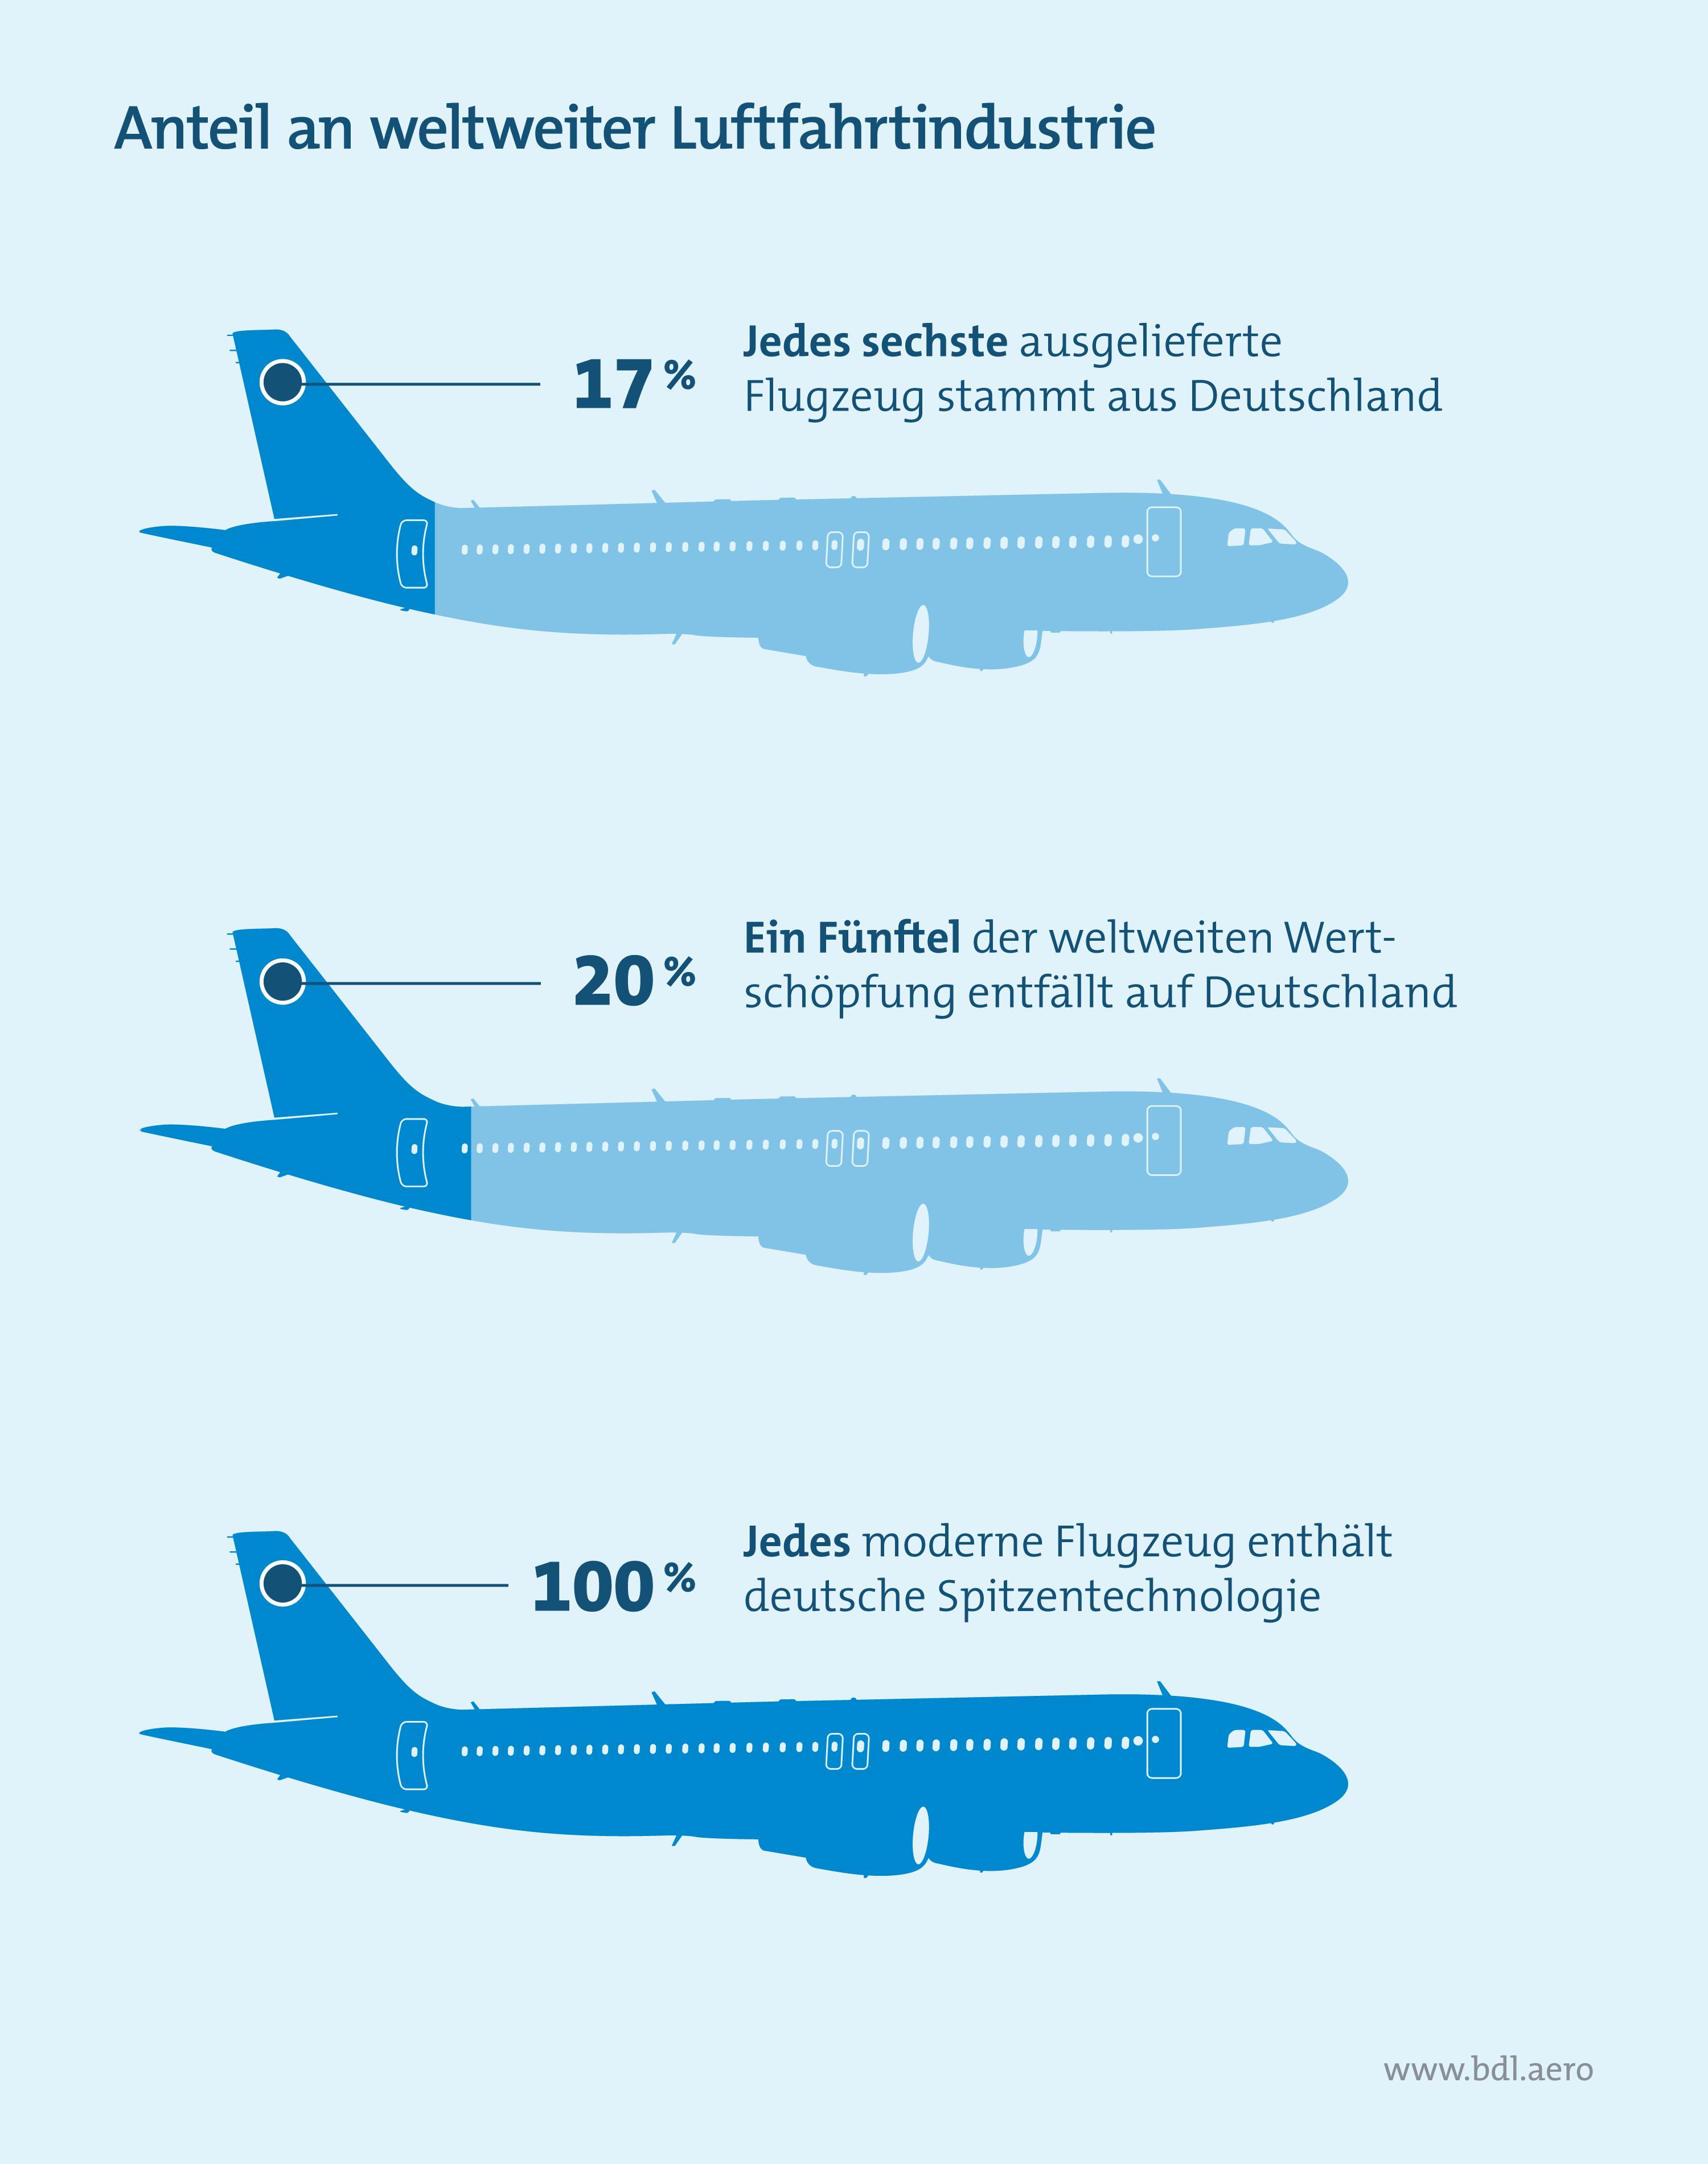 Anteil an weltweiter Luftfahrtindustrie